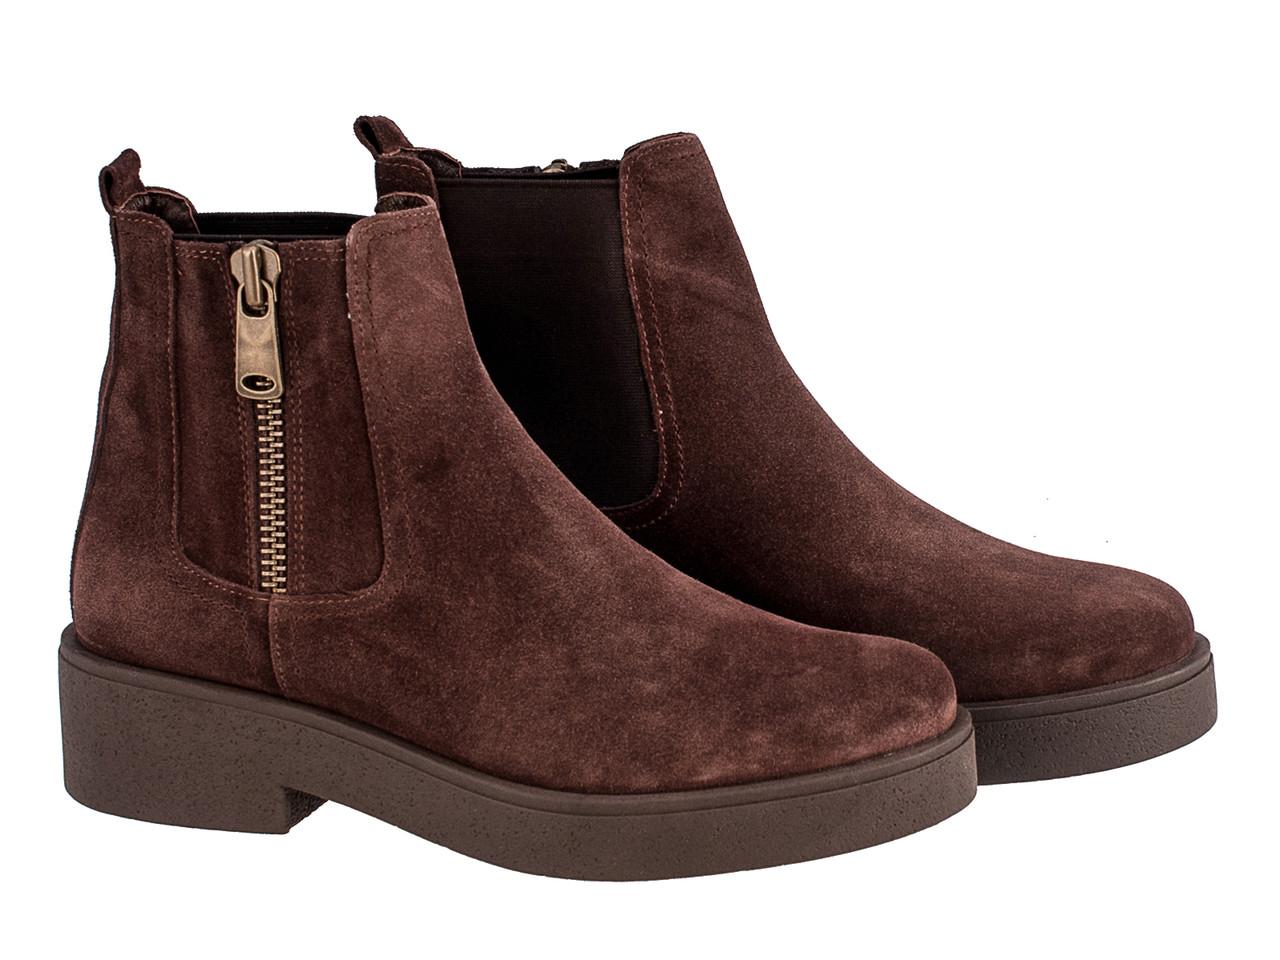 Ботинки Etor 5605-02140 коричневые